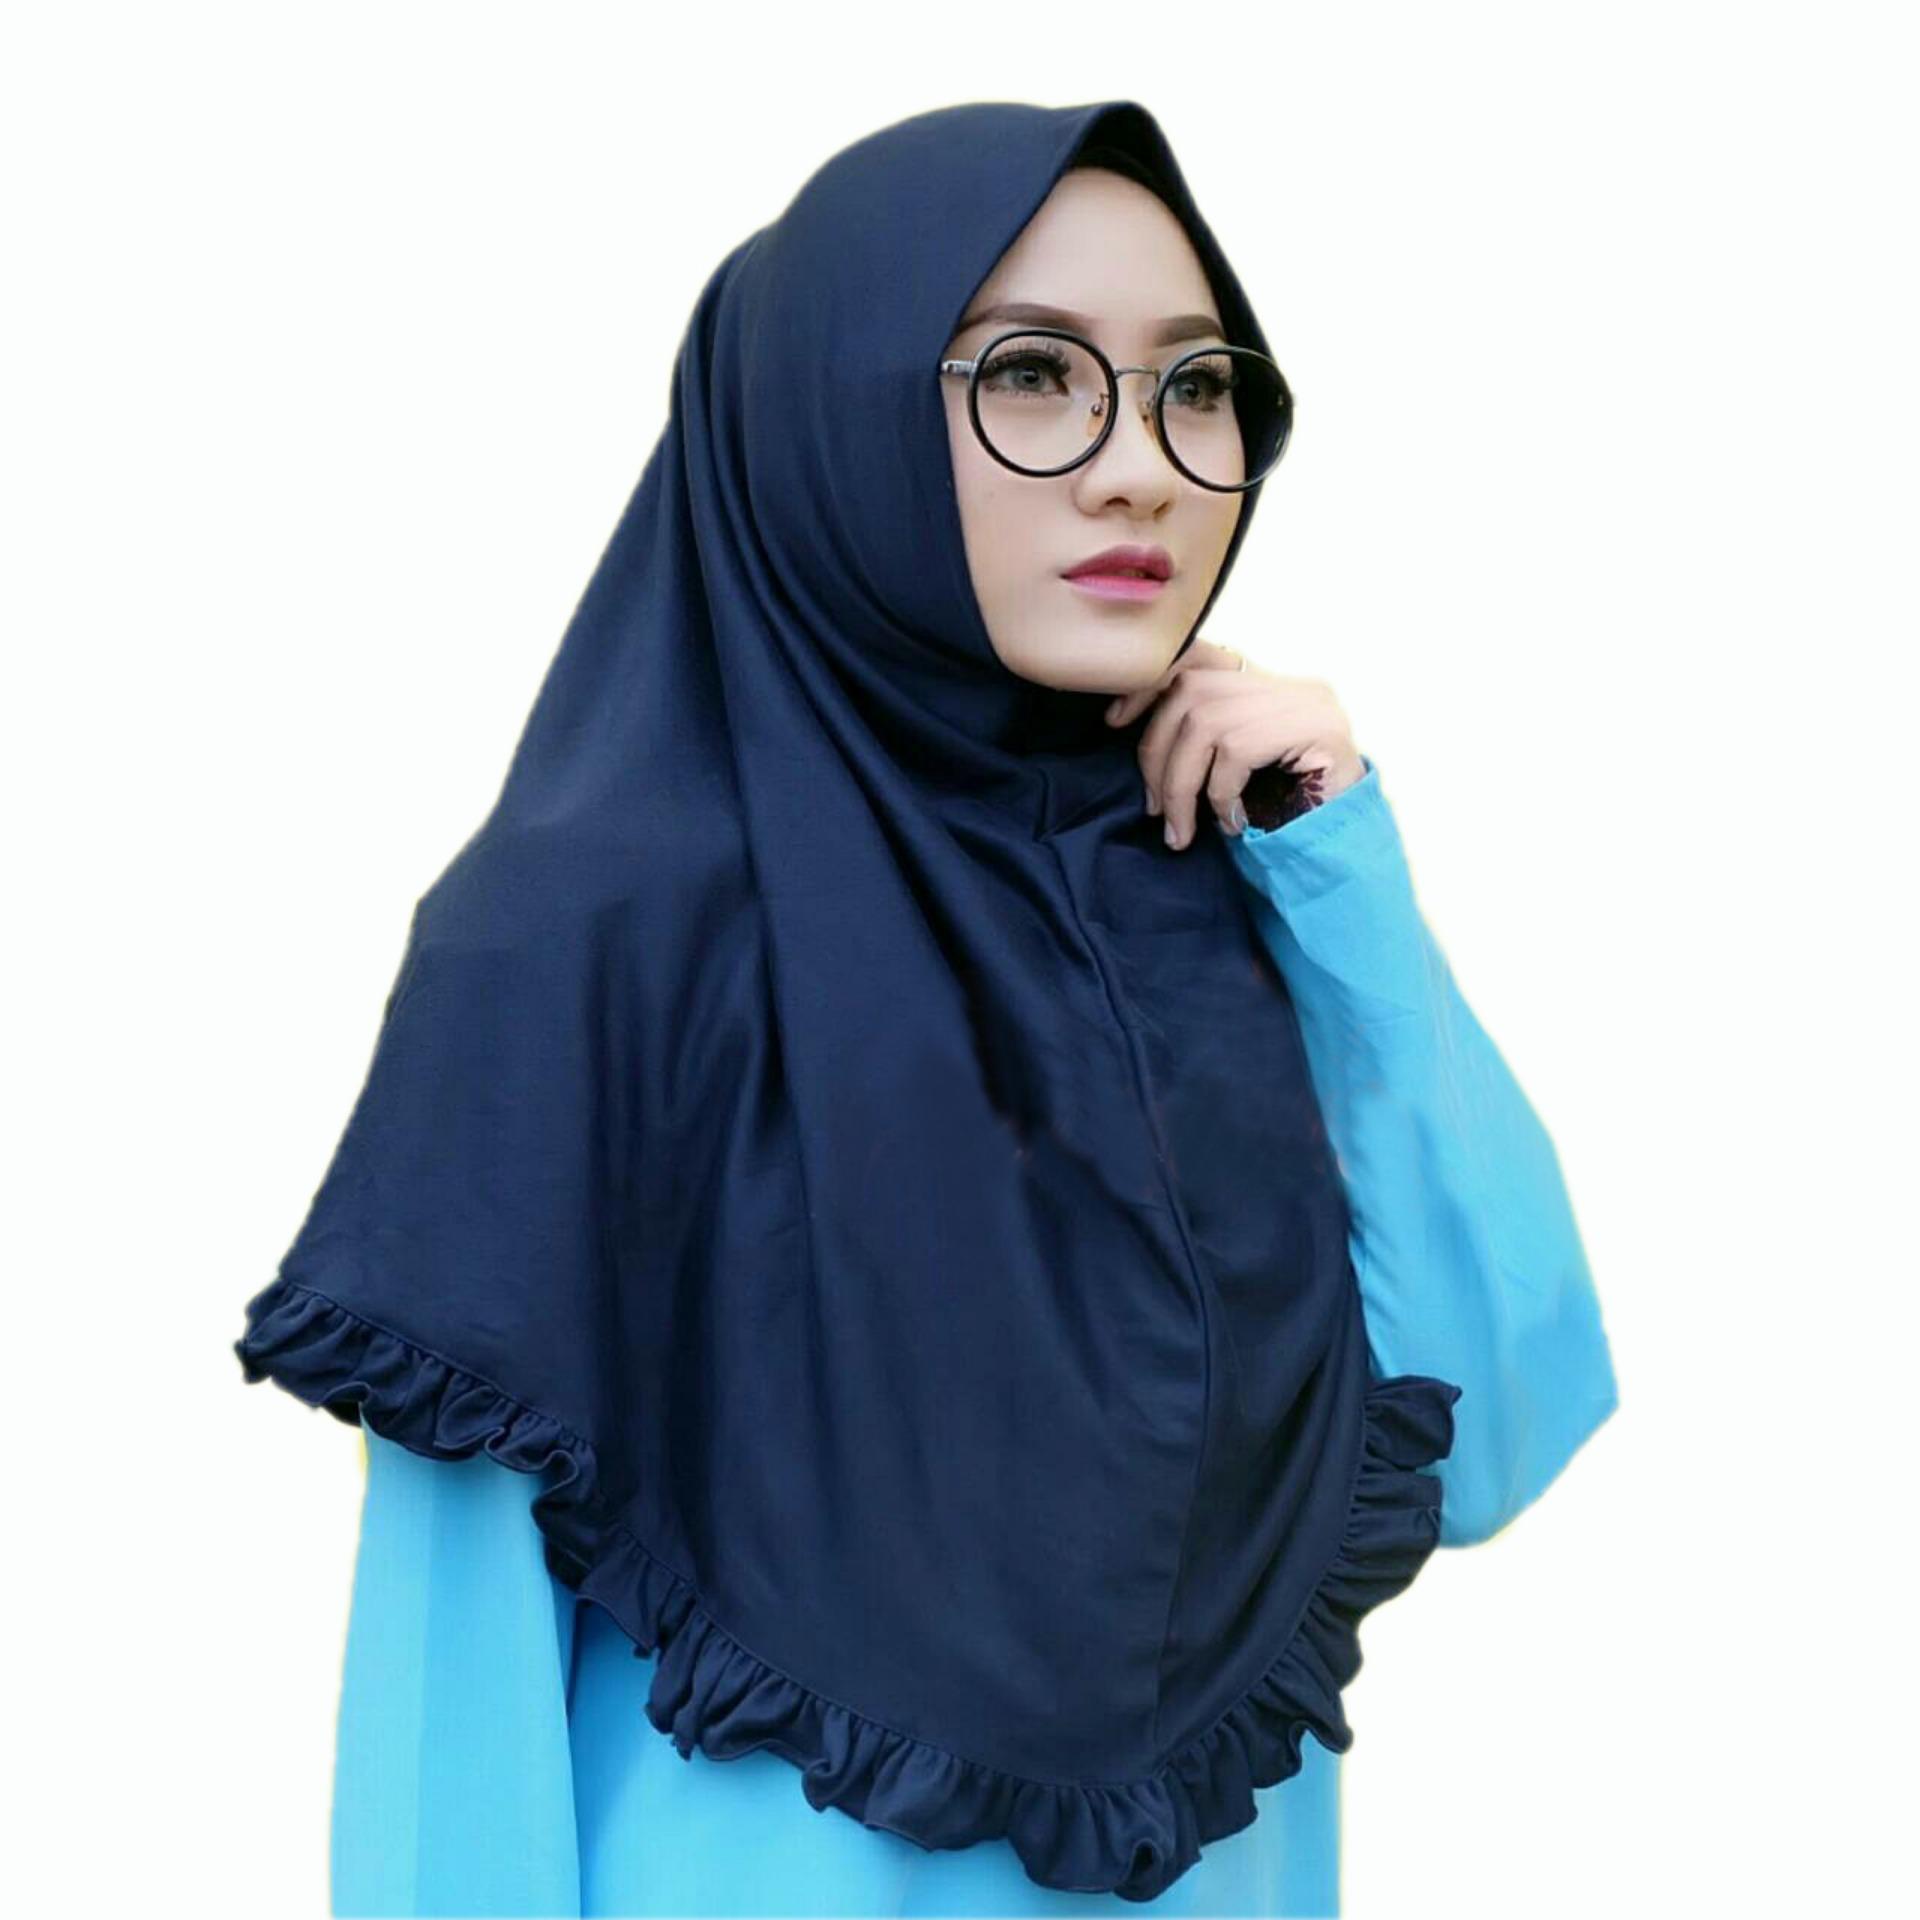 Kerudung Jilbab Hijab Murah Khimar Najwa Rempel Instan Murah Grosir Jilbab  Rempel Lipit 5f4f9b8942